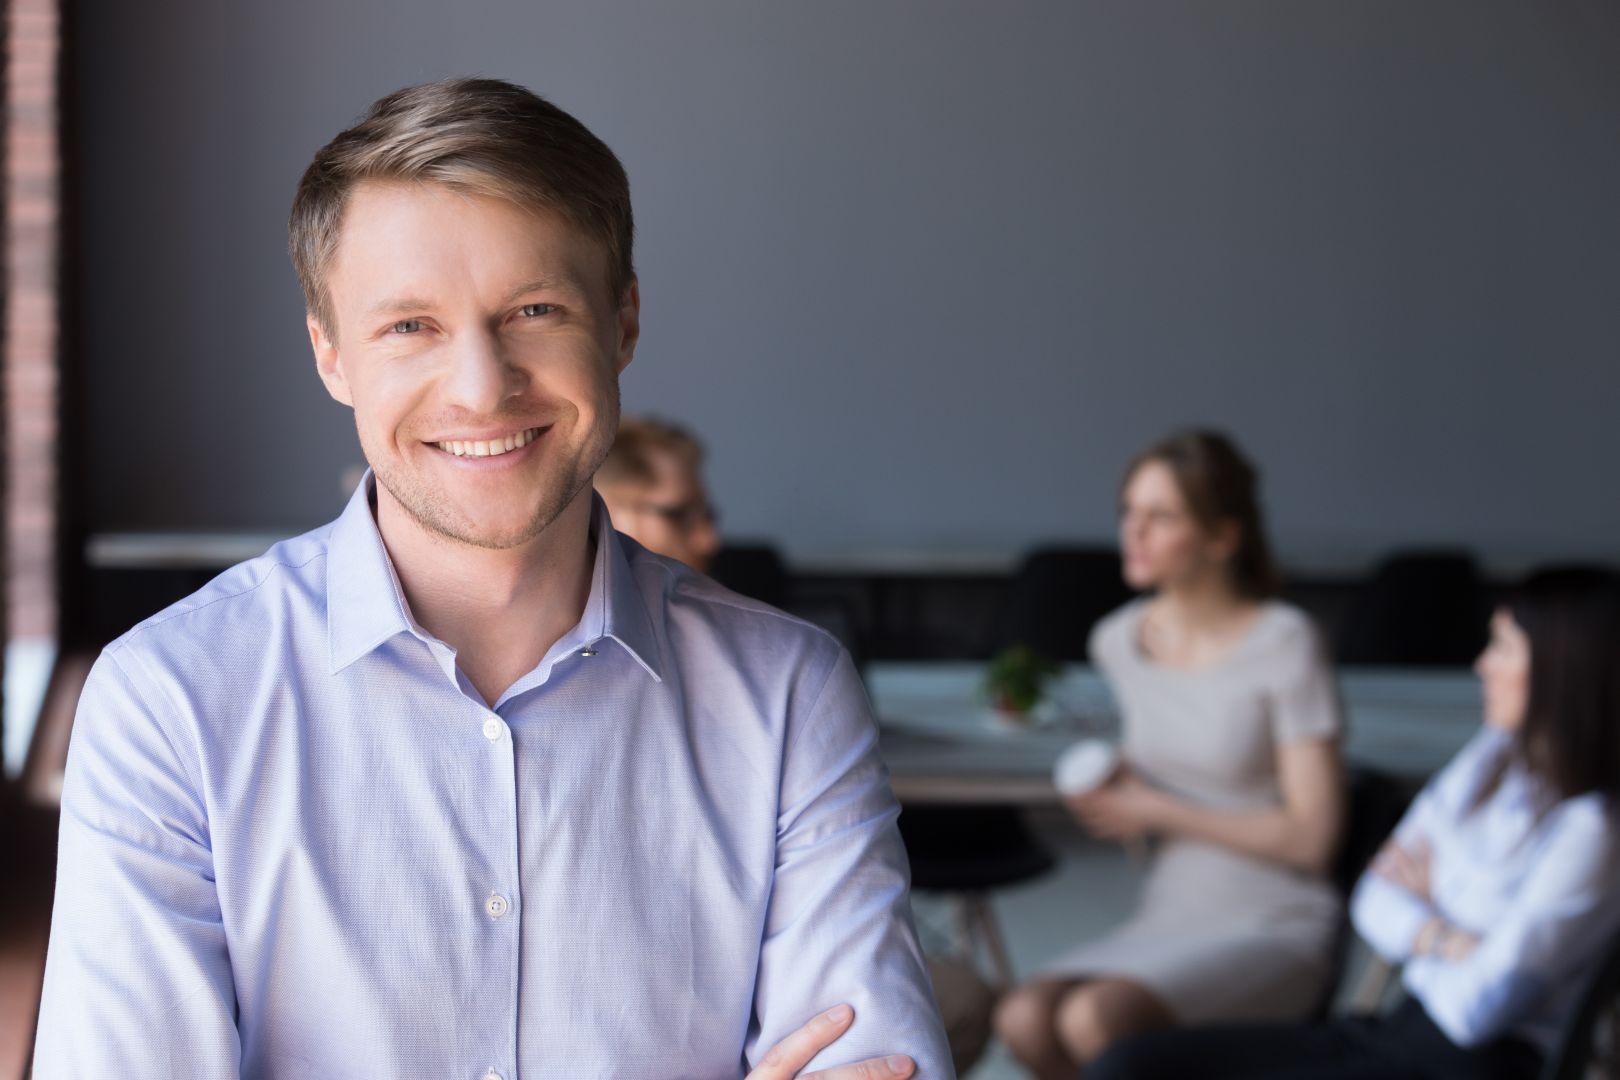 «Chefs d'entreprises : votre caution personnelle est-elle valable ?», Me Caroline Dubuis Talayrach, avocat